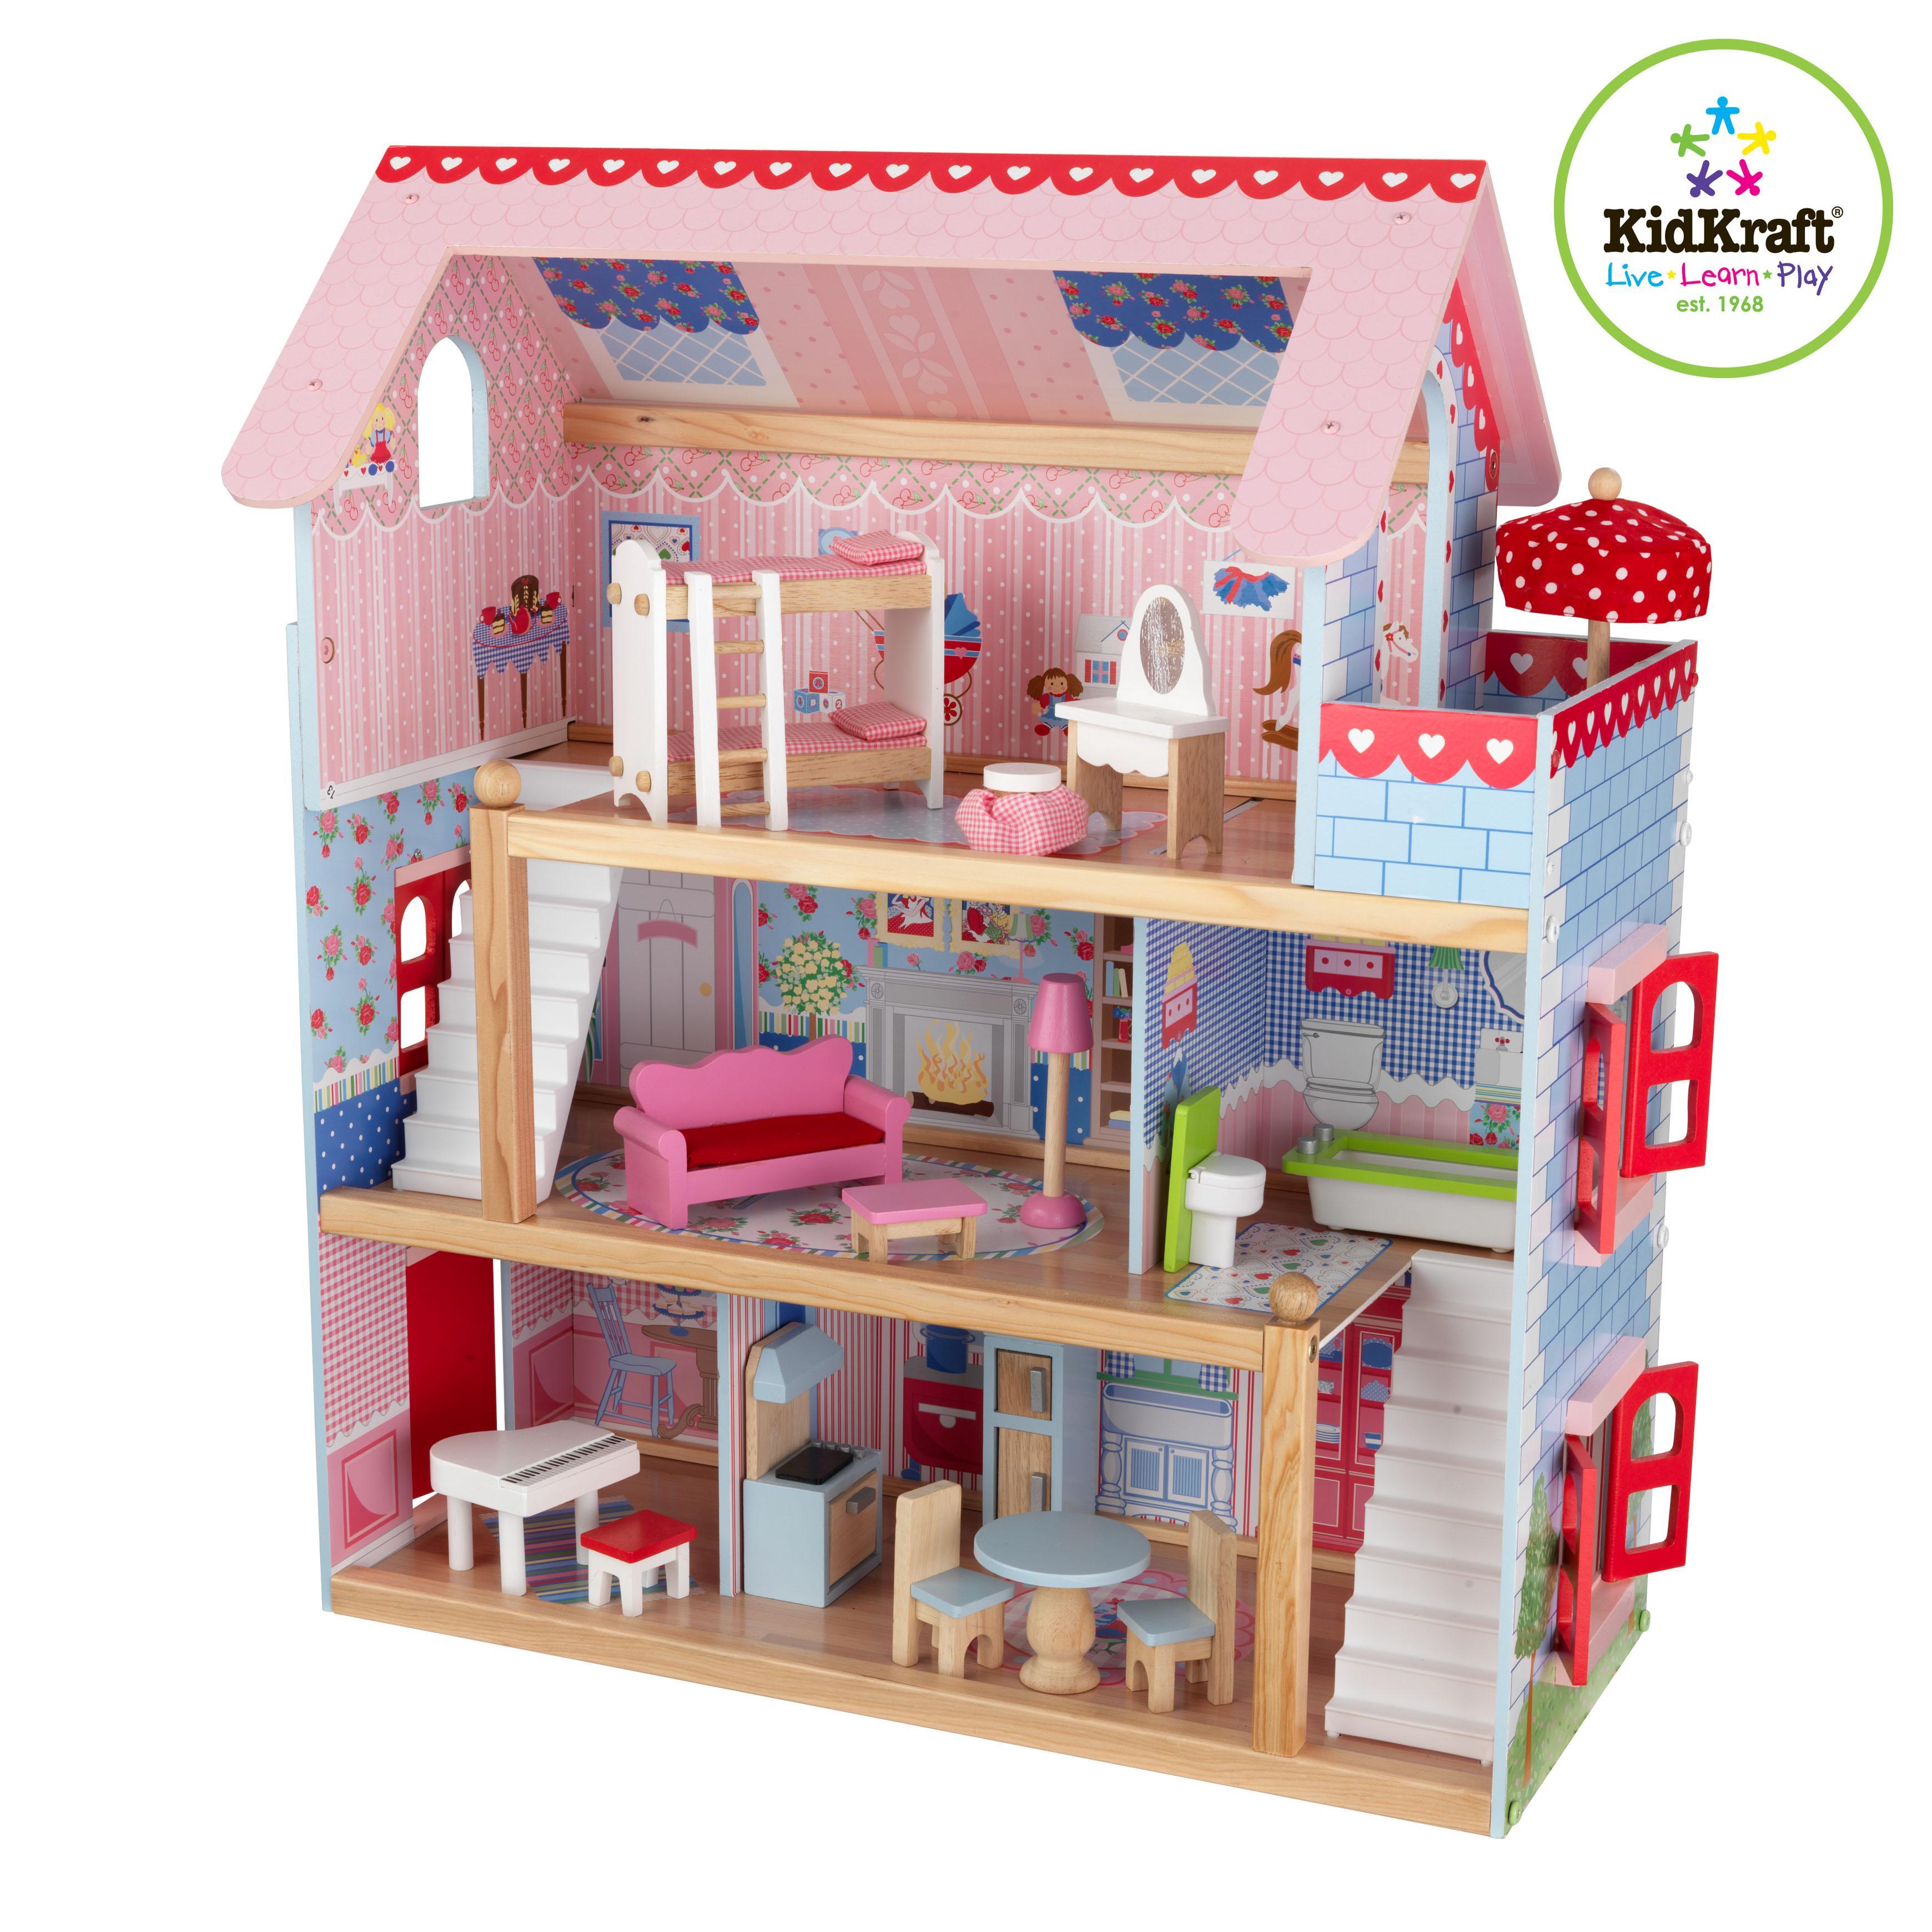 Kidkraft 65054 chelsea casa de mu ecas juguetes y juegos - Kidkraft espana ...